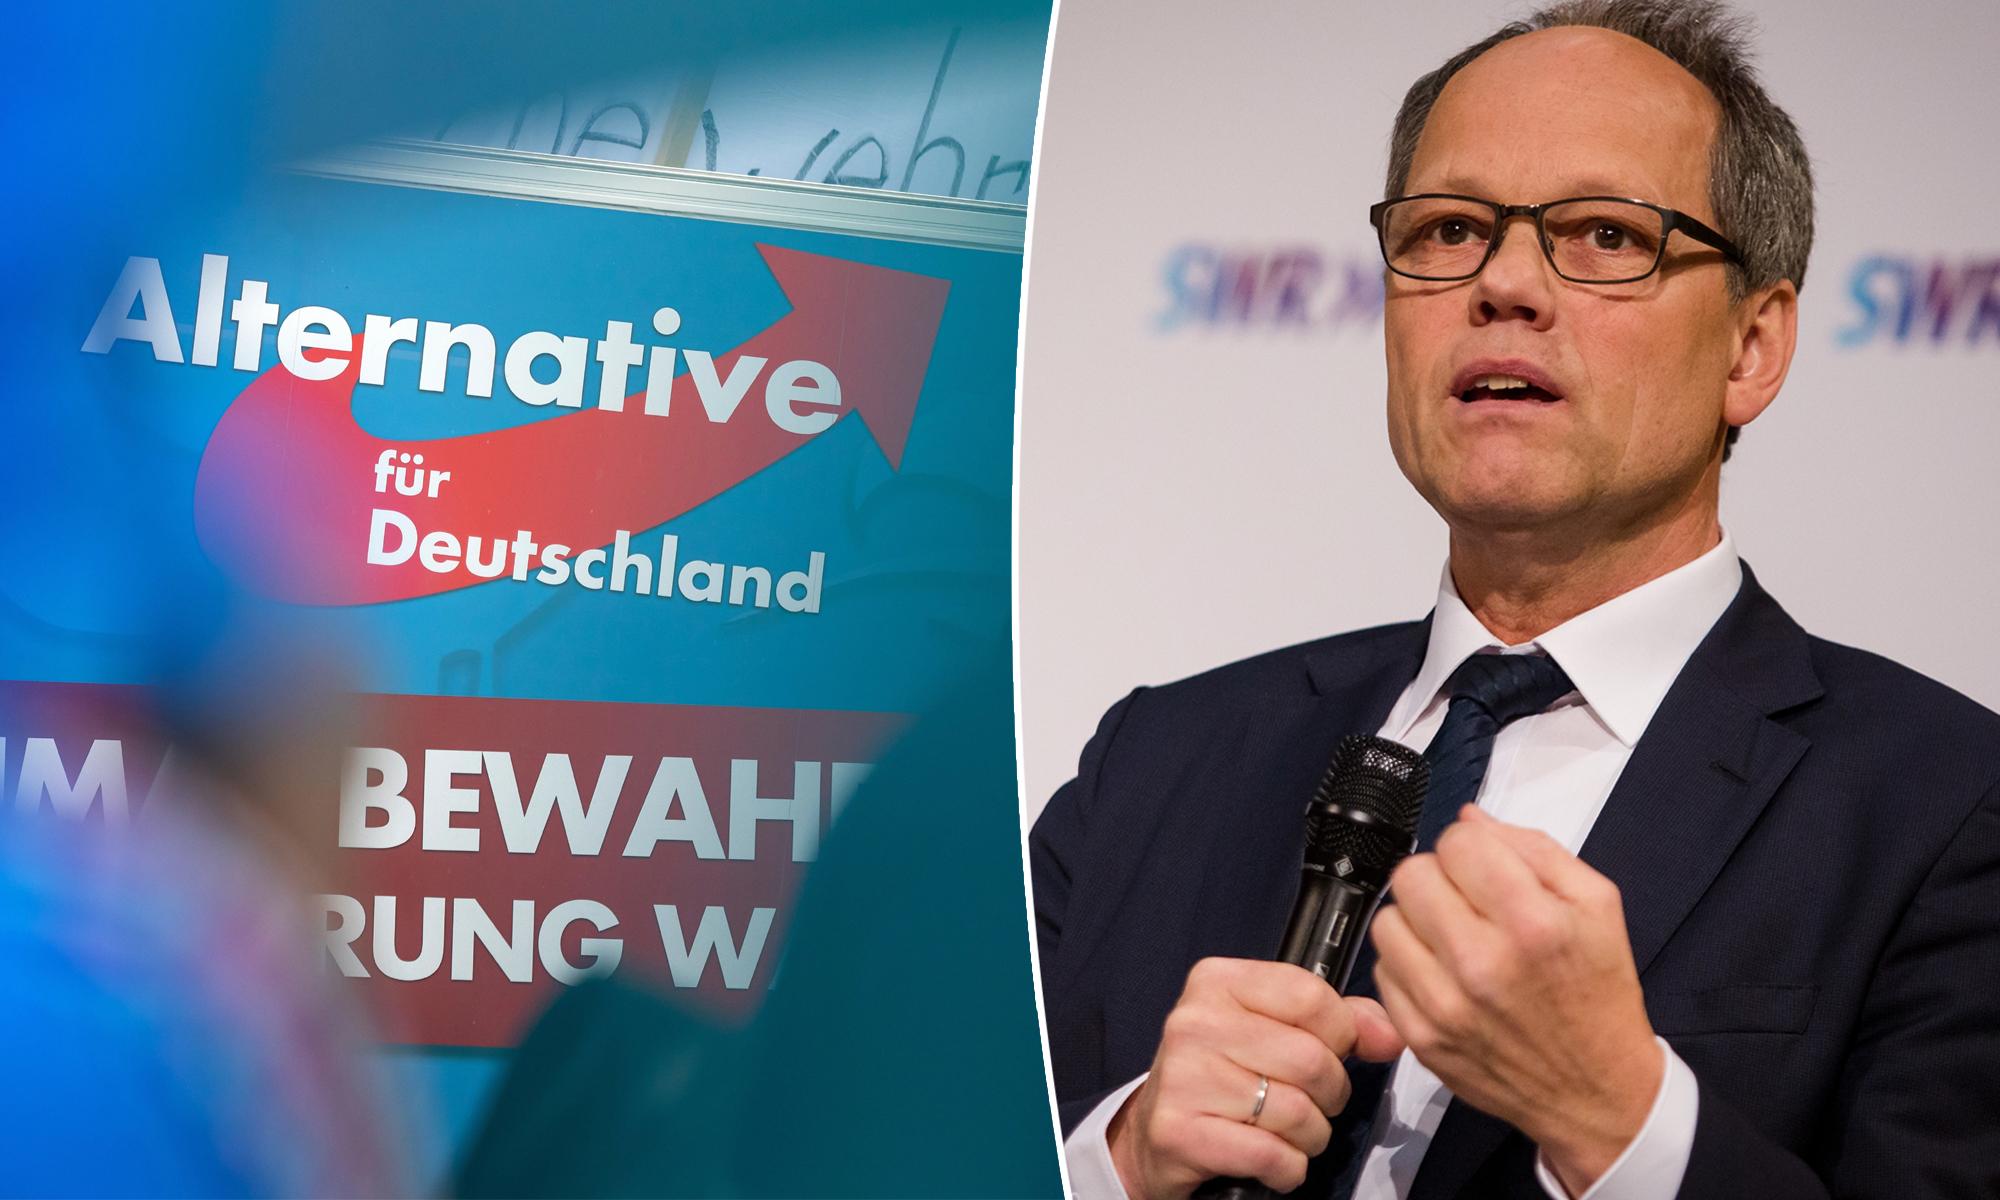 """SWR-Intendant Kai Gniffke: """"Das Vertrauen hat zugenommen""""  picture alliance/Christoph Schmidt/dpa / picture alliance / JF-Montage"""